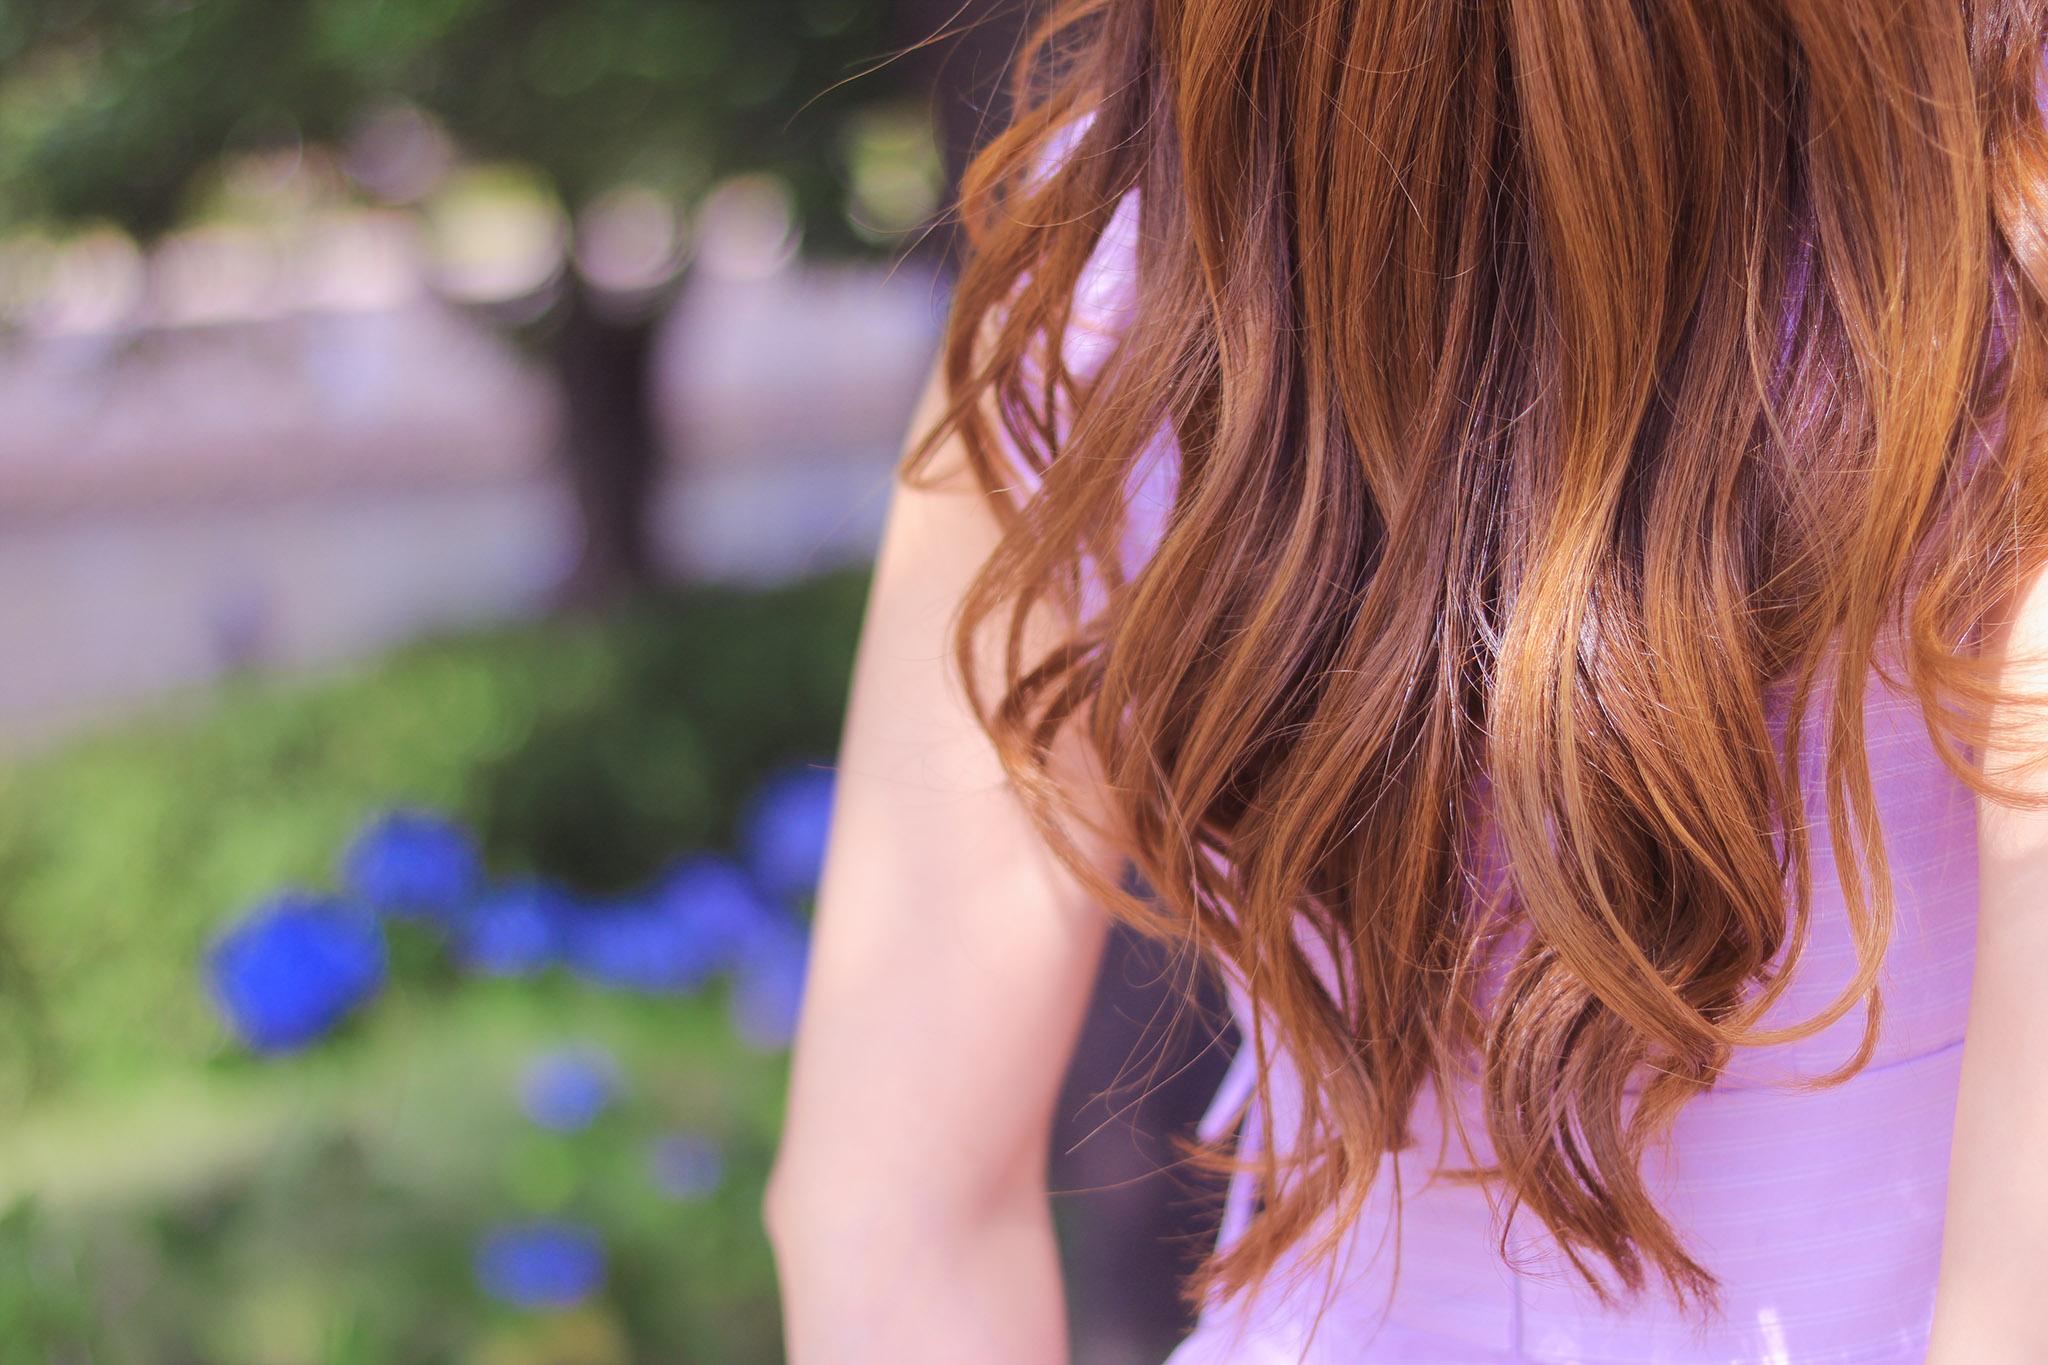 【髪の毛、まだ痛んでるの?】DROASのおすすめシャンプー&トリートメント 口コミや評価が気になる!